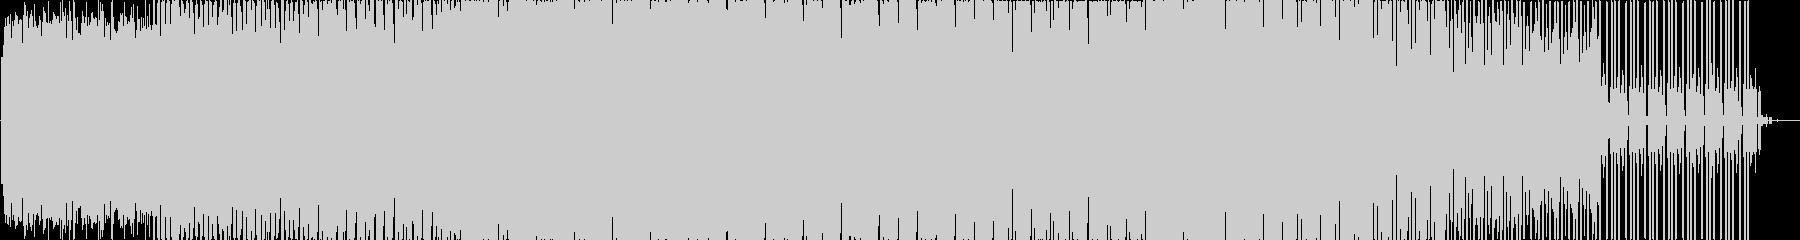 機械的な、リズミックな曲の未再生の波形